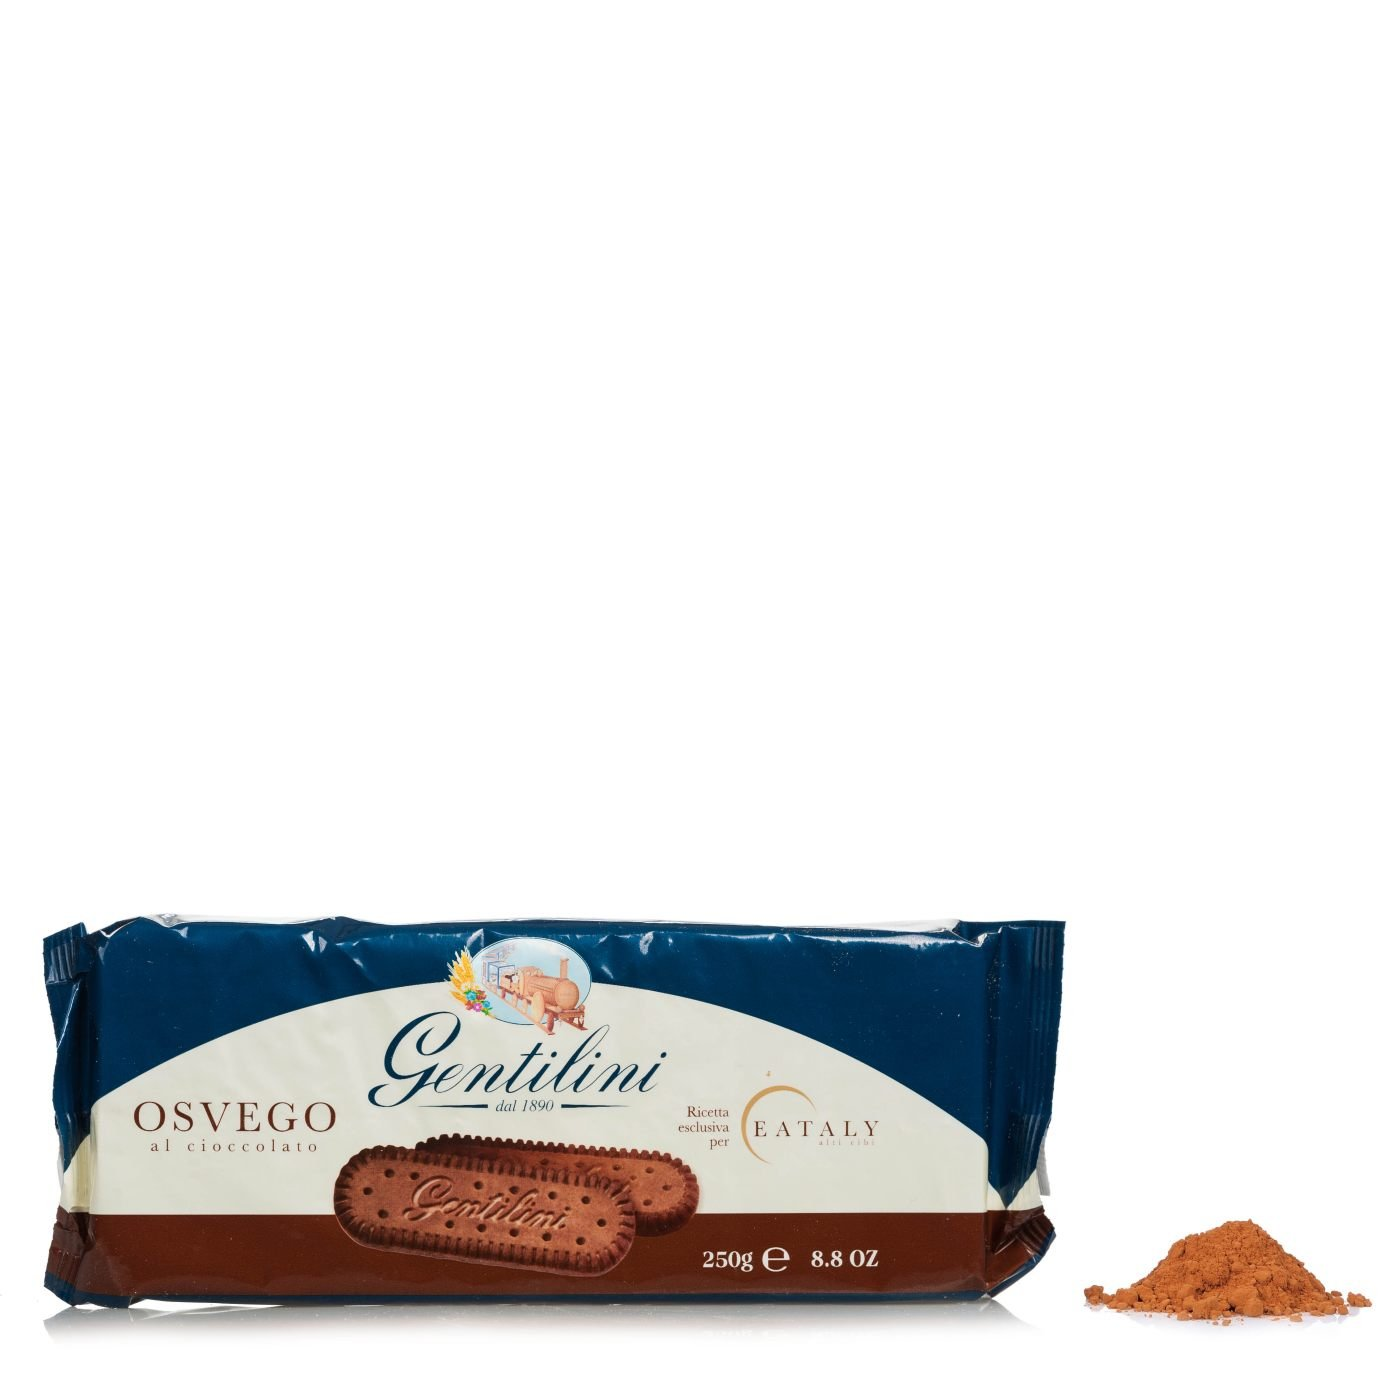 Osvego al Cacao 250g